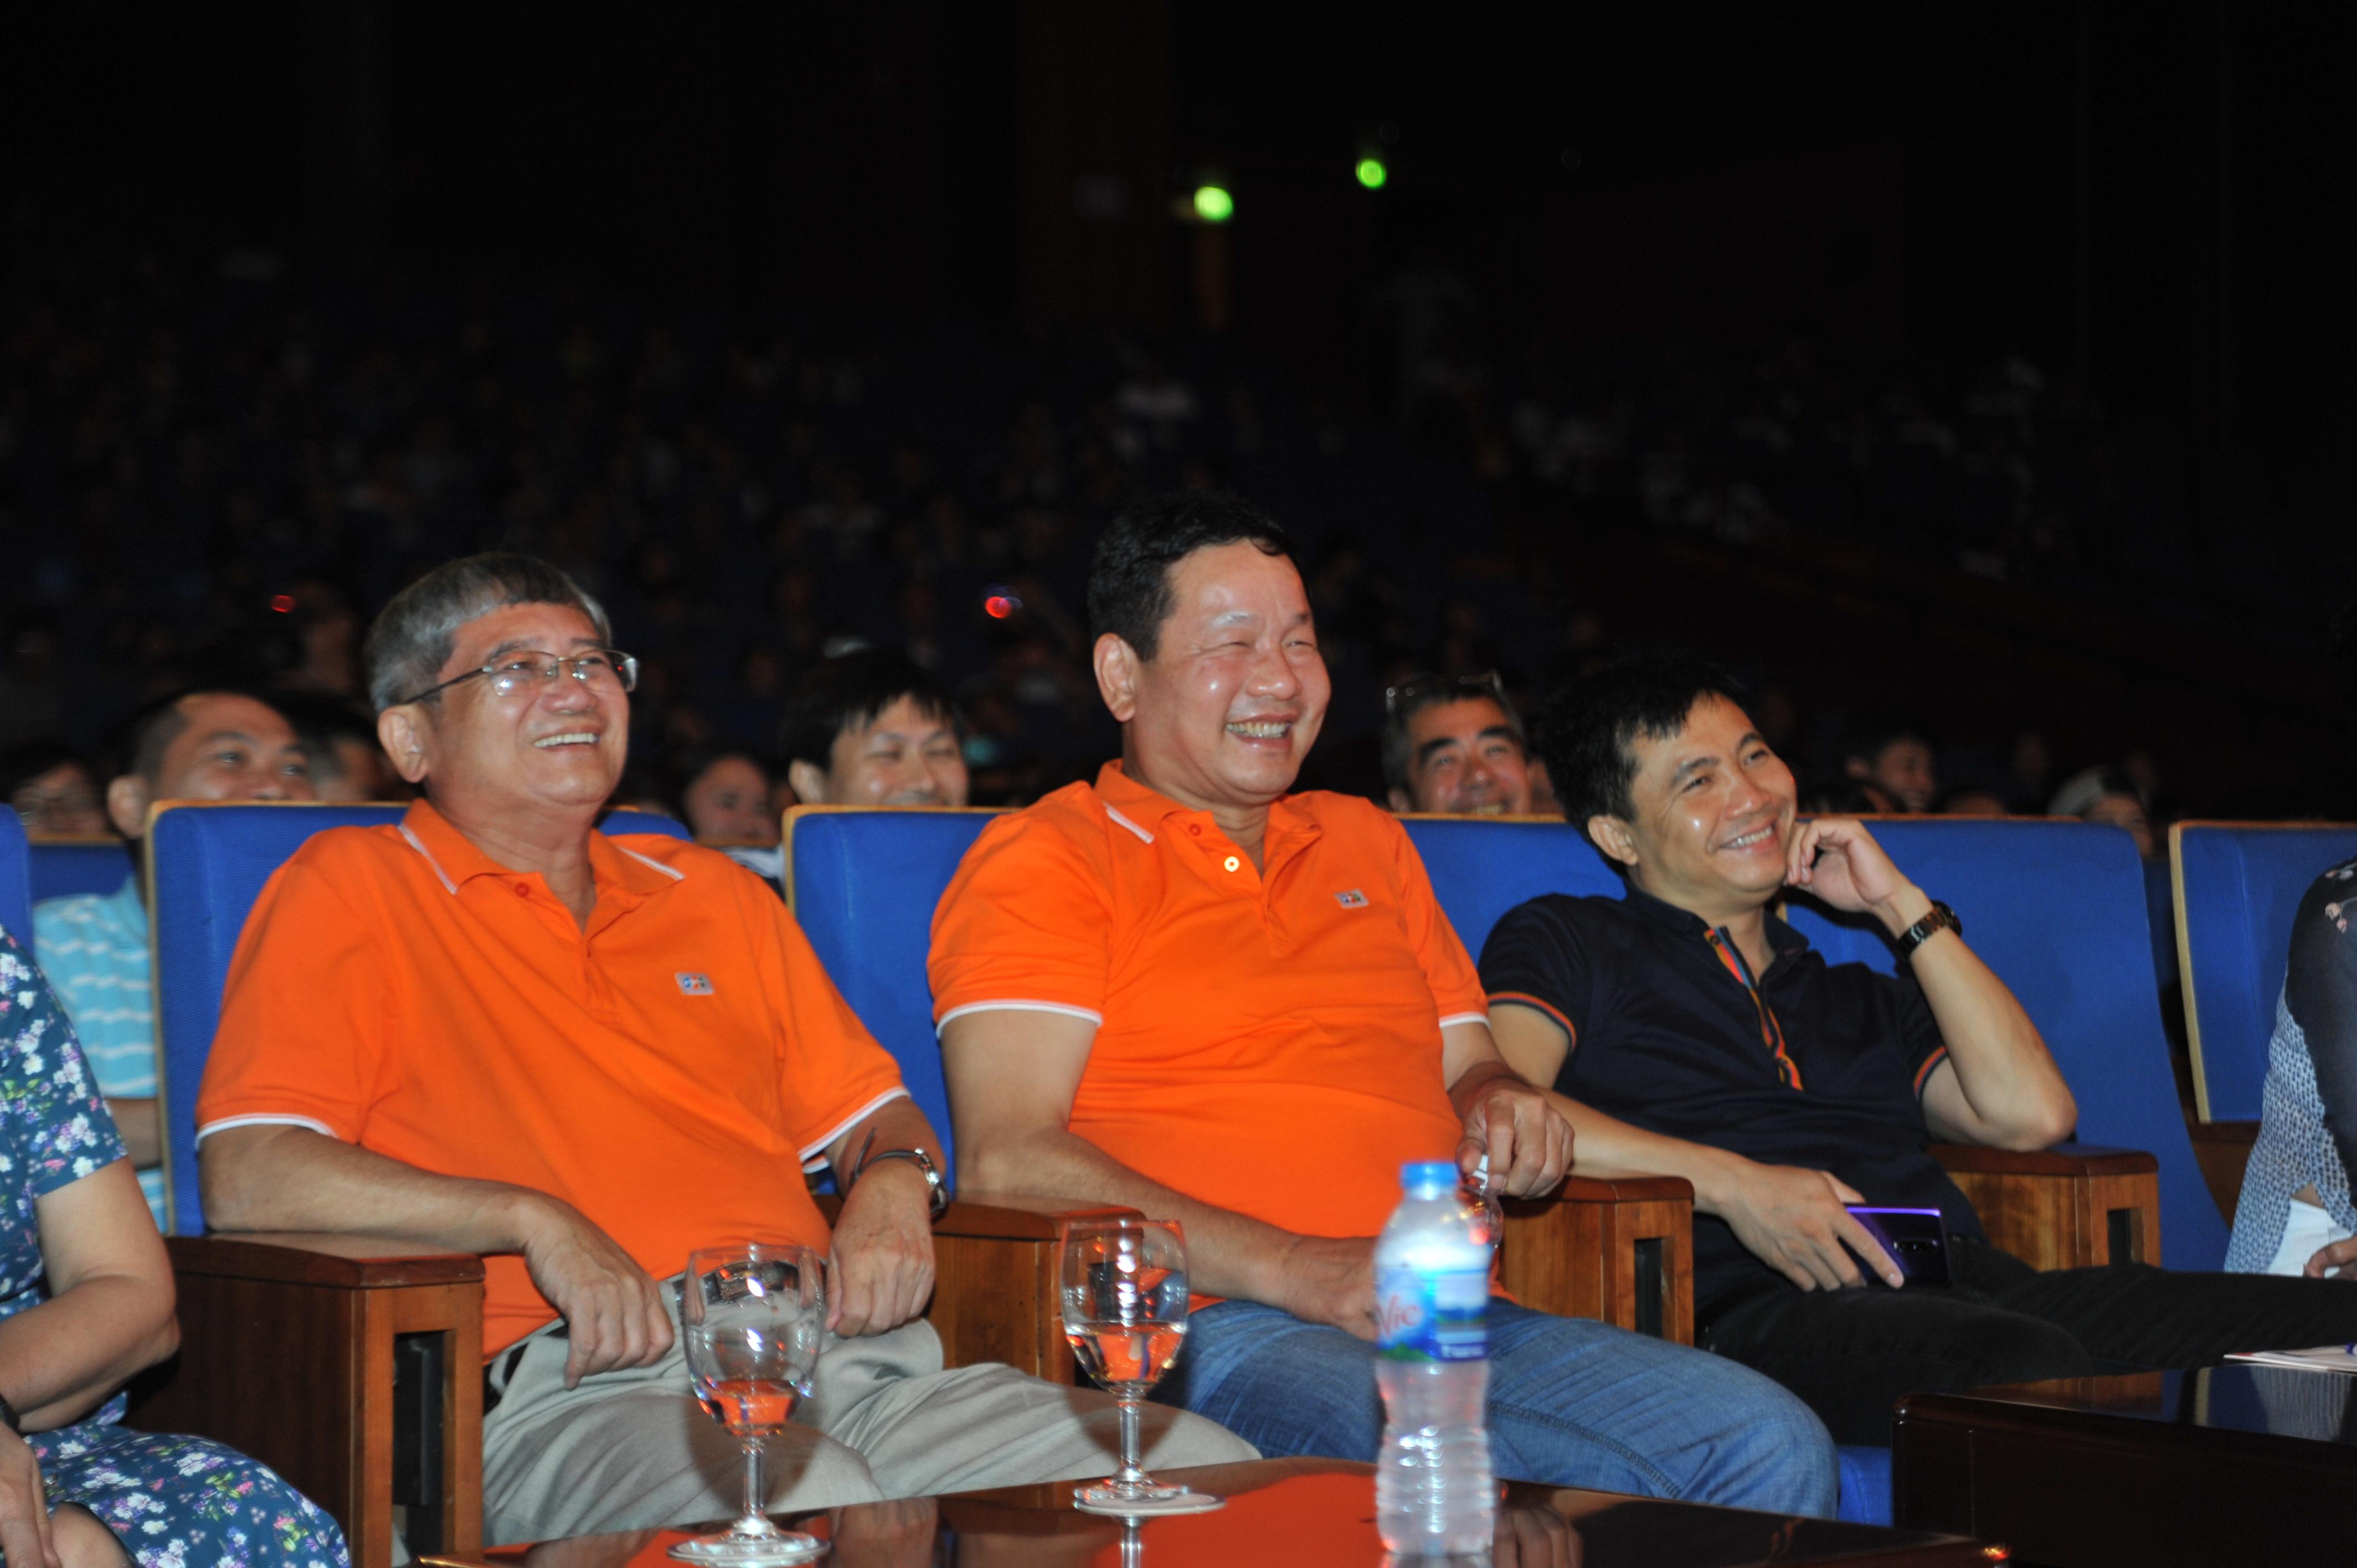 Chủ tịch Trương Gia Bình, Phó Chủ tịch Bùi Quang Ngọc và đạo diễn Đỗ Thanh Hải cười liên tục trong vở diễn của FPT Retail và Synnex FPT.